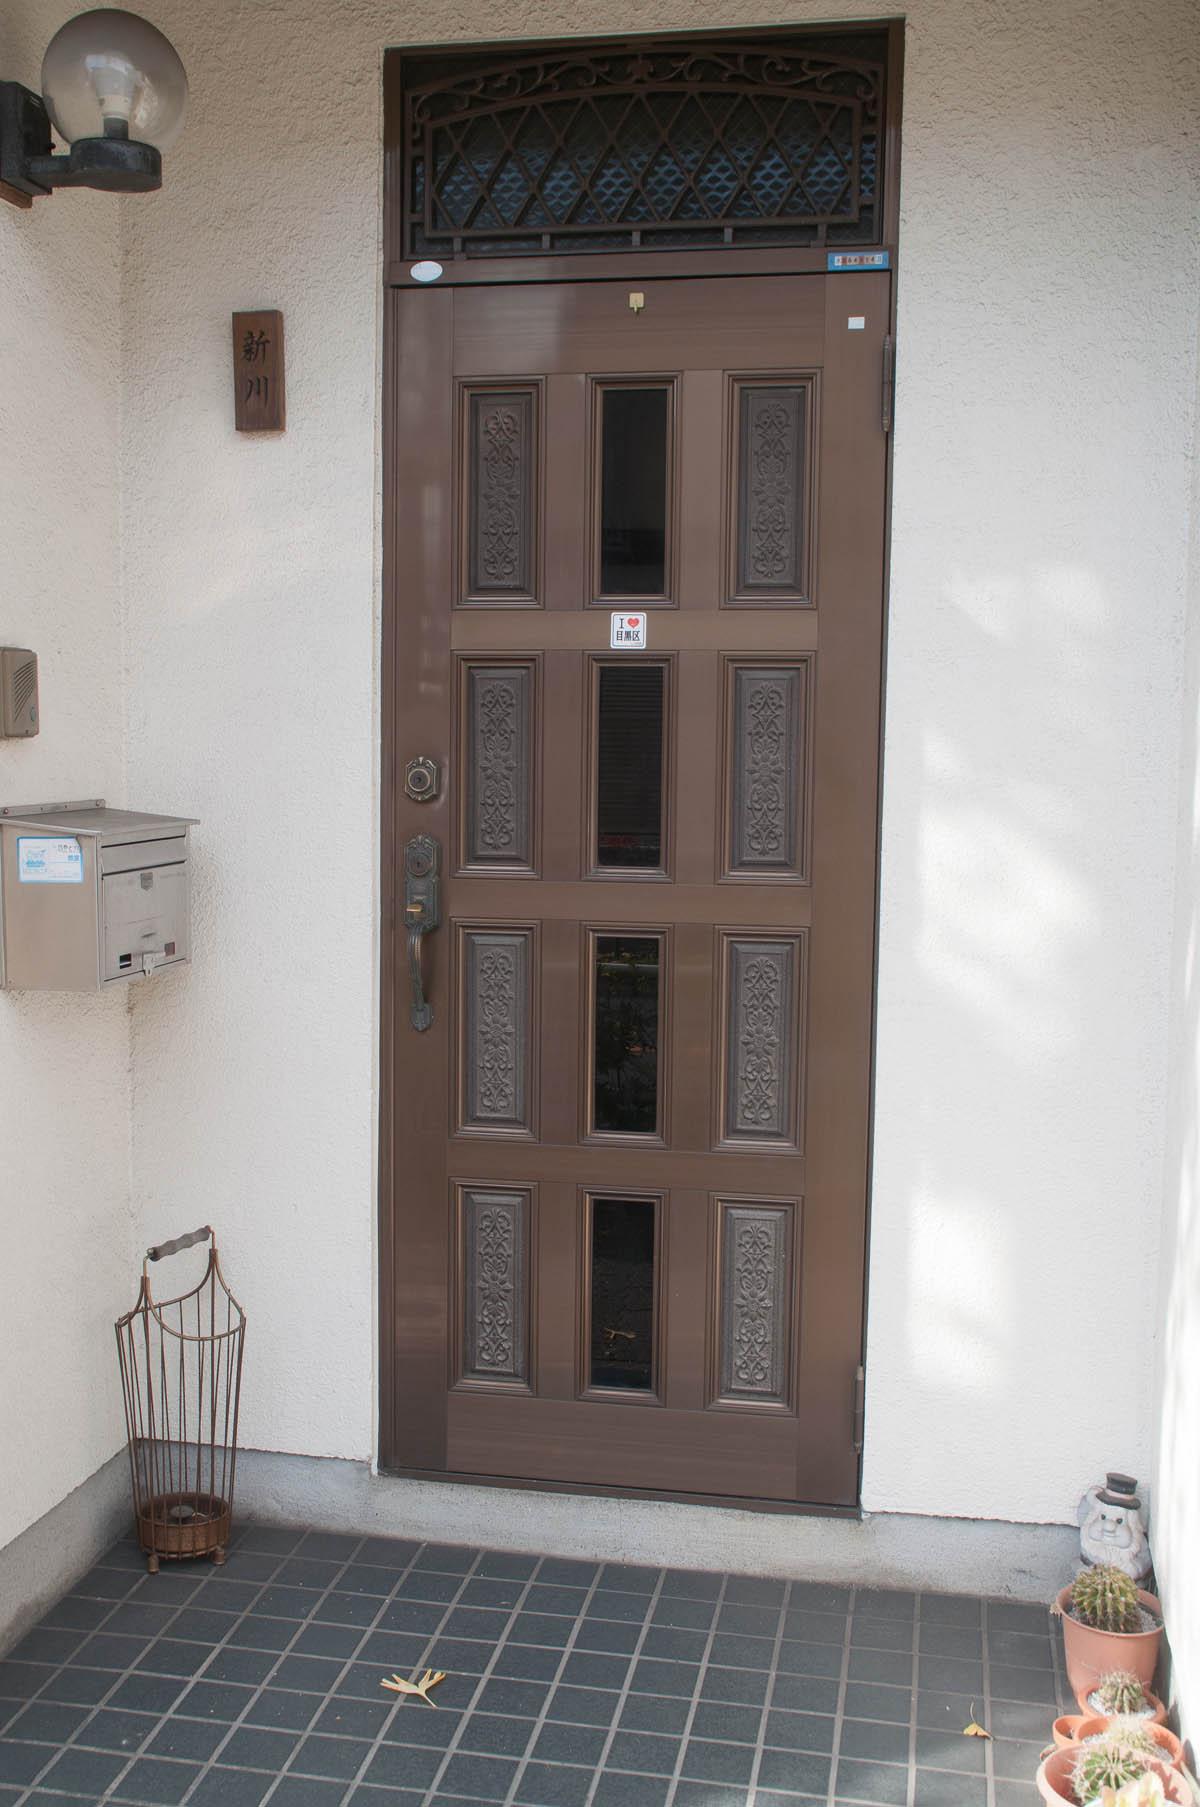 tokyo_doors-13_low